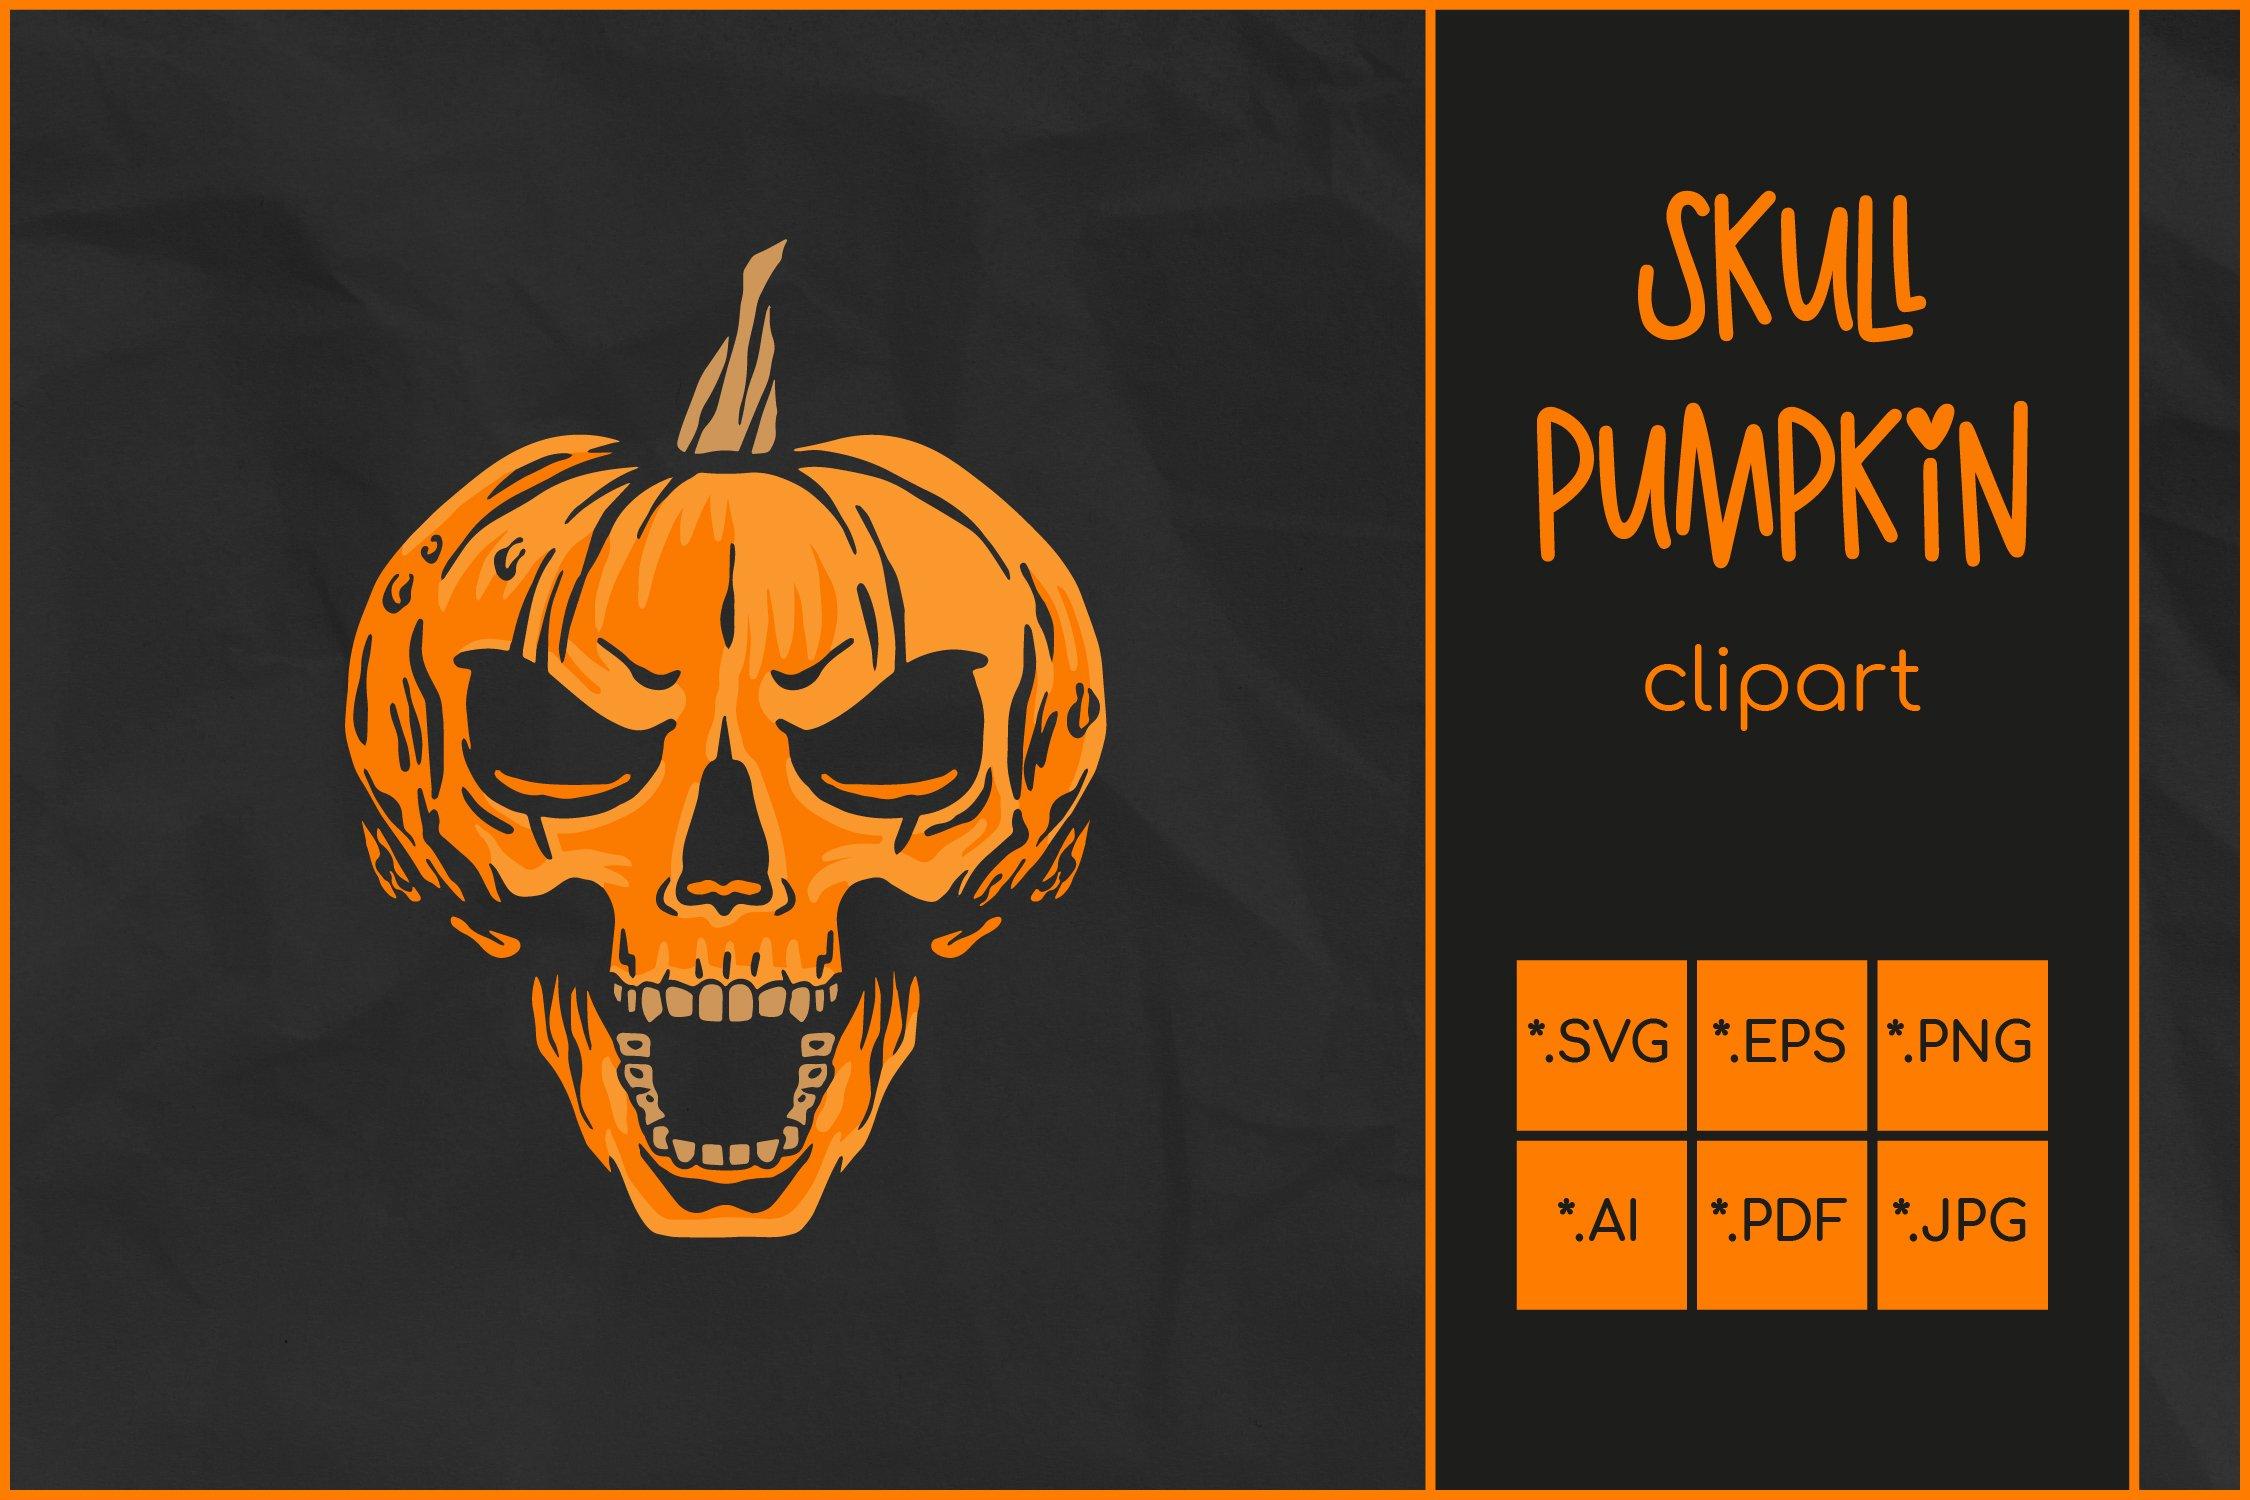 Halloween Svg Skull Pumpkin Svg Jack O Lantern Skull Rocks 952992 Illustrations Design Bundles